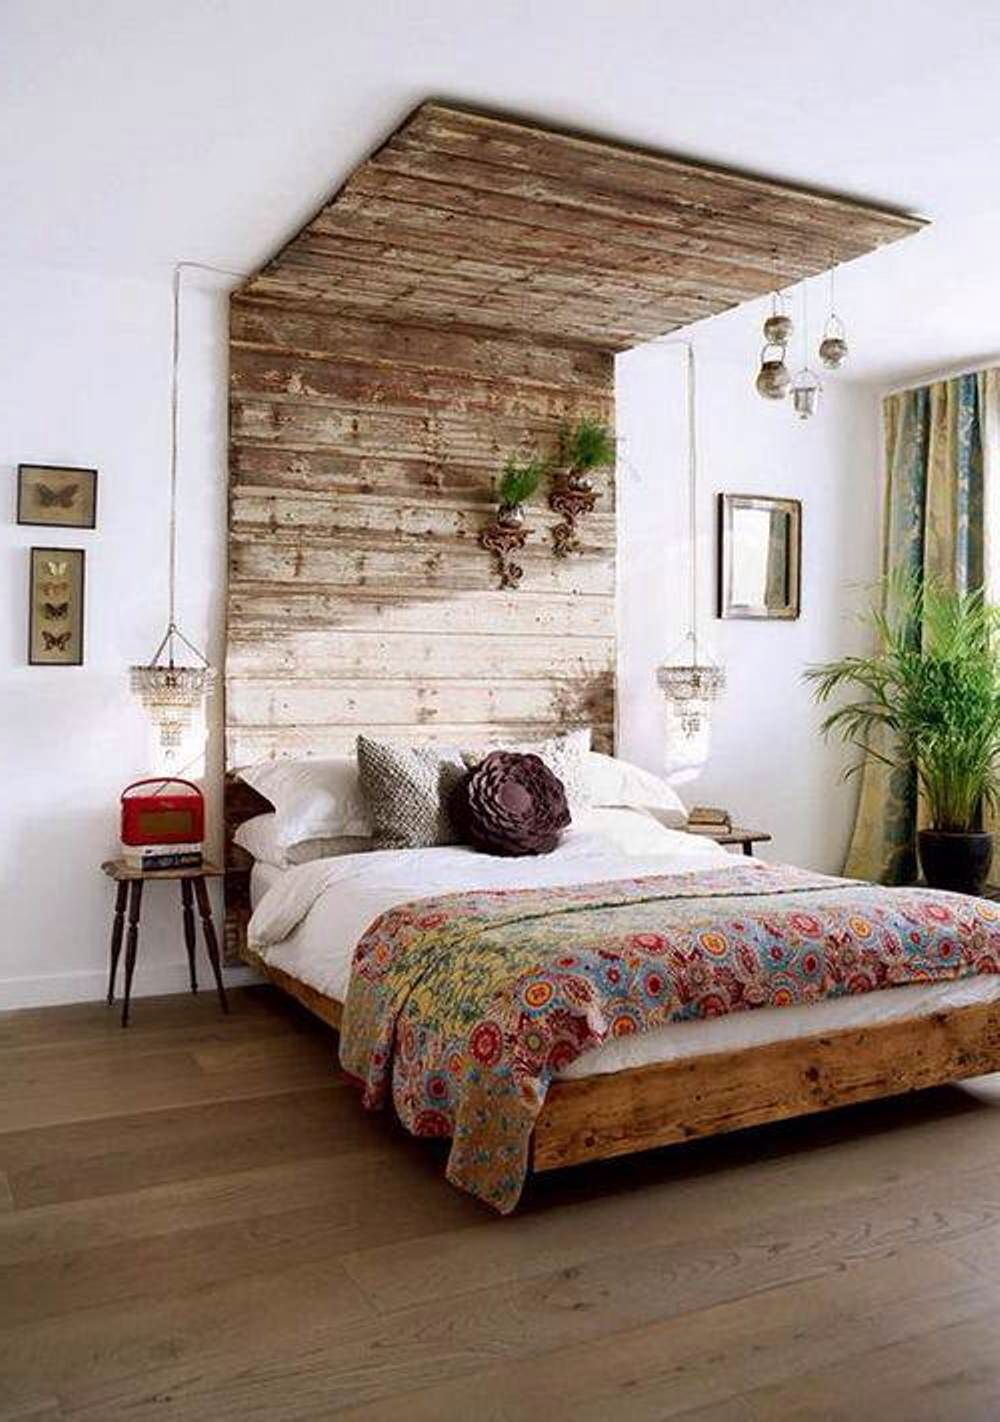 Wooden overhang bed frame with plant holder.   Remodel ... on Modern Boho Bed Frame  id=73744